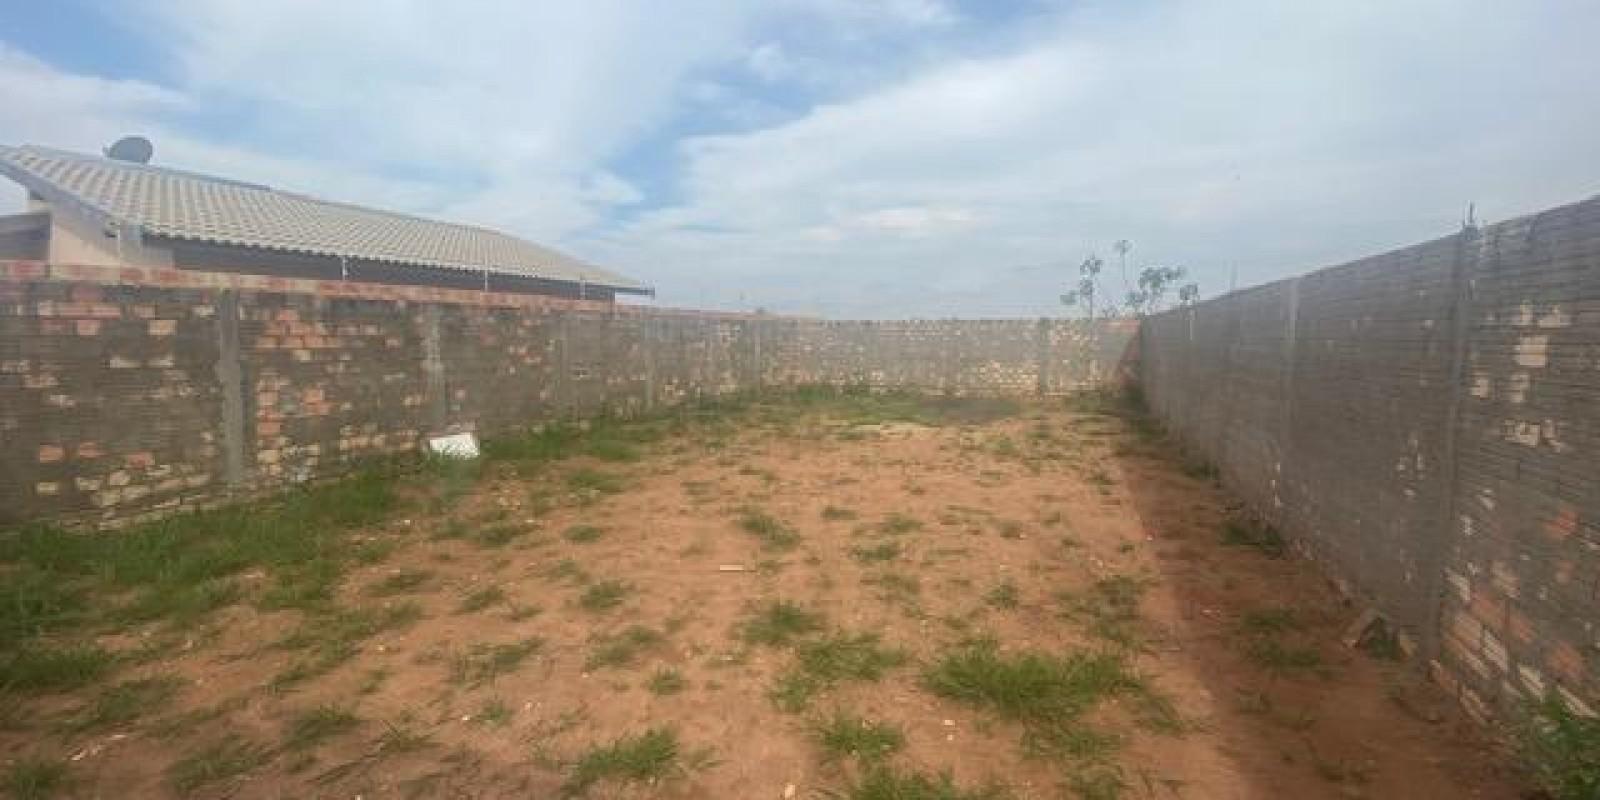 Terreno no Bairro Paraíso em Avaré SP - Foto 7 de 7